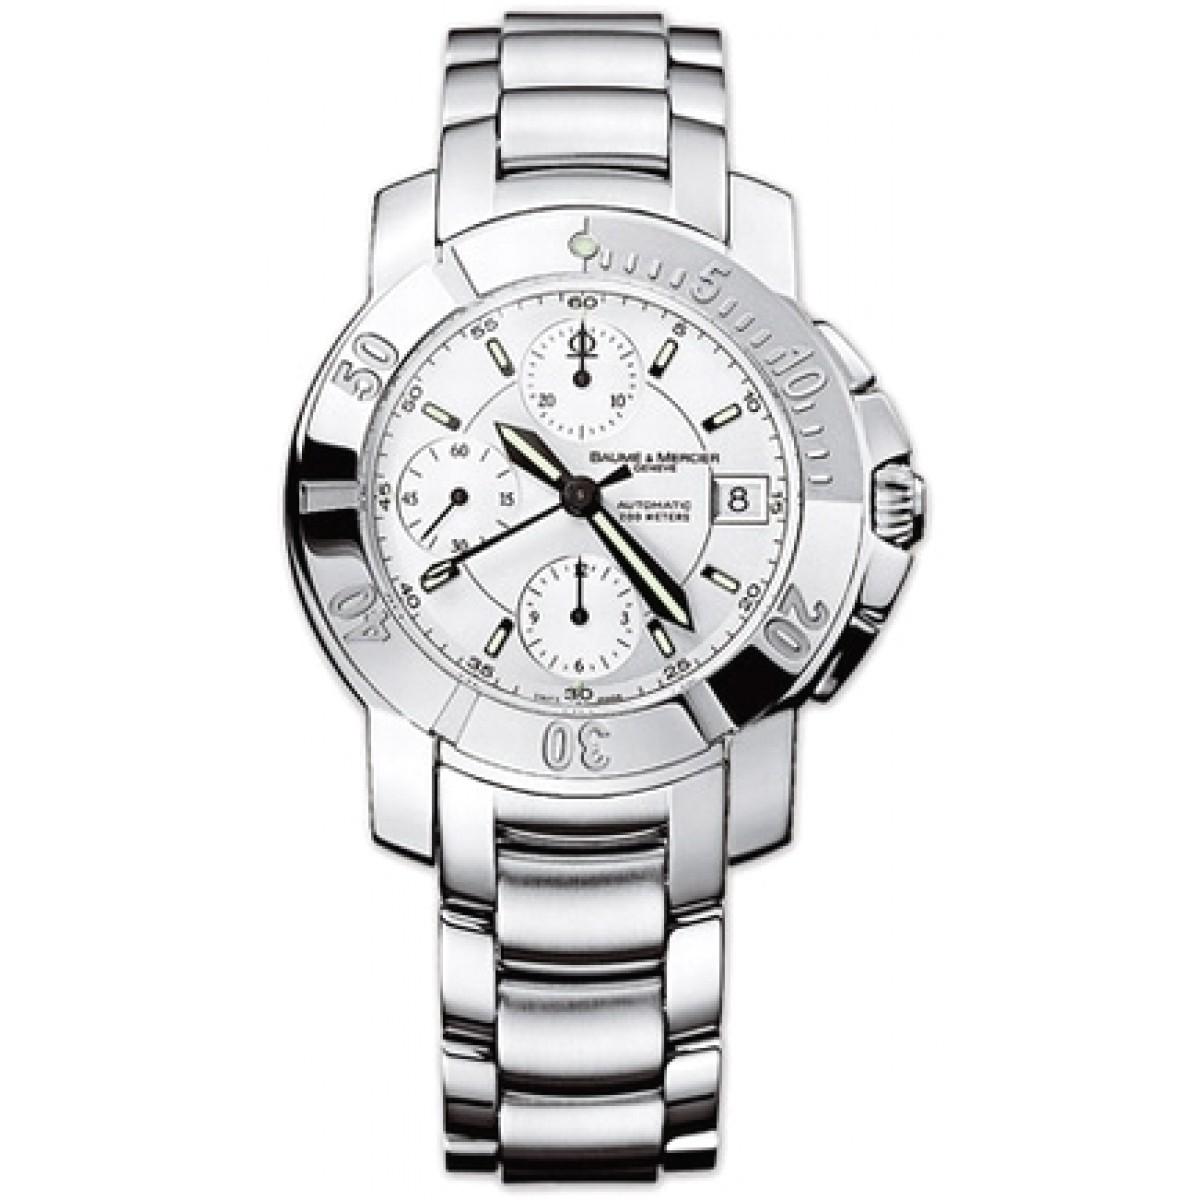 0116a989ec8 Relógio Réplica Baume Mercier Capland Chrono 03